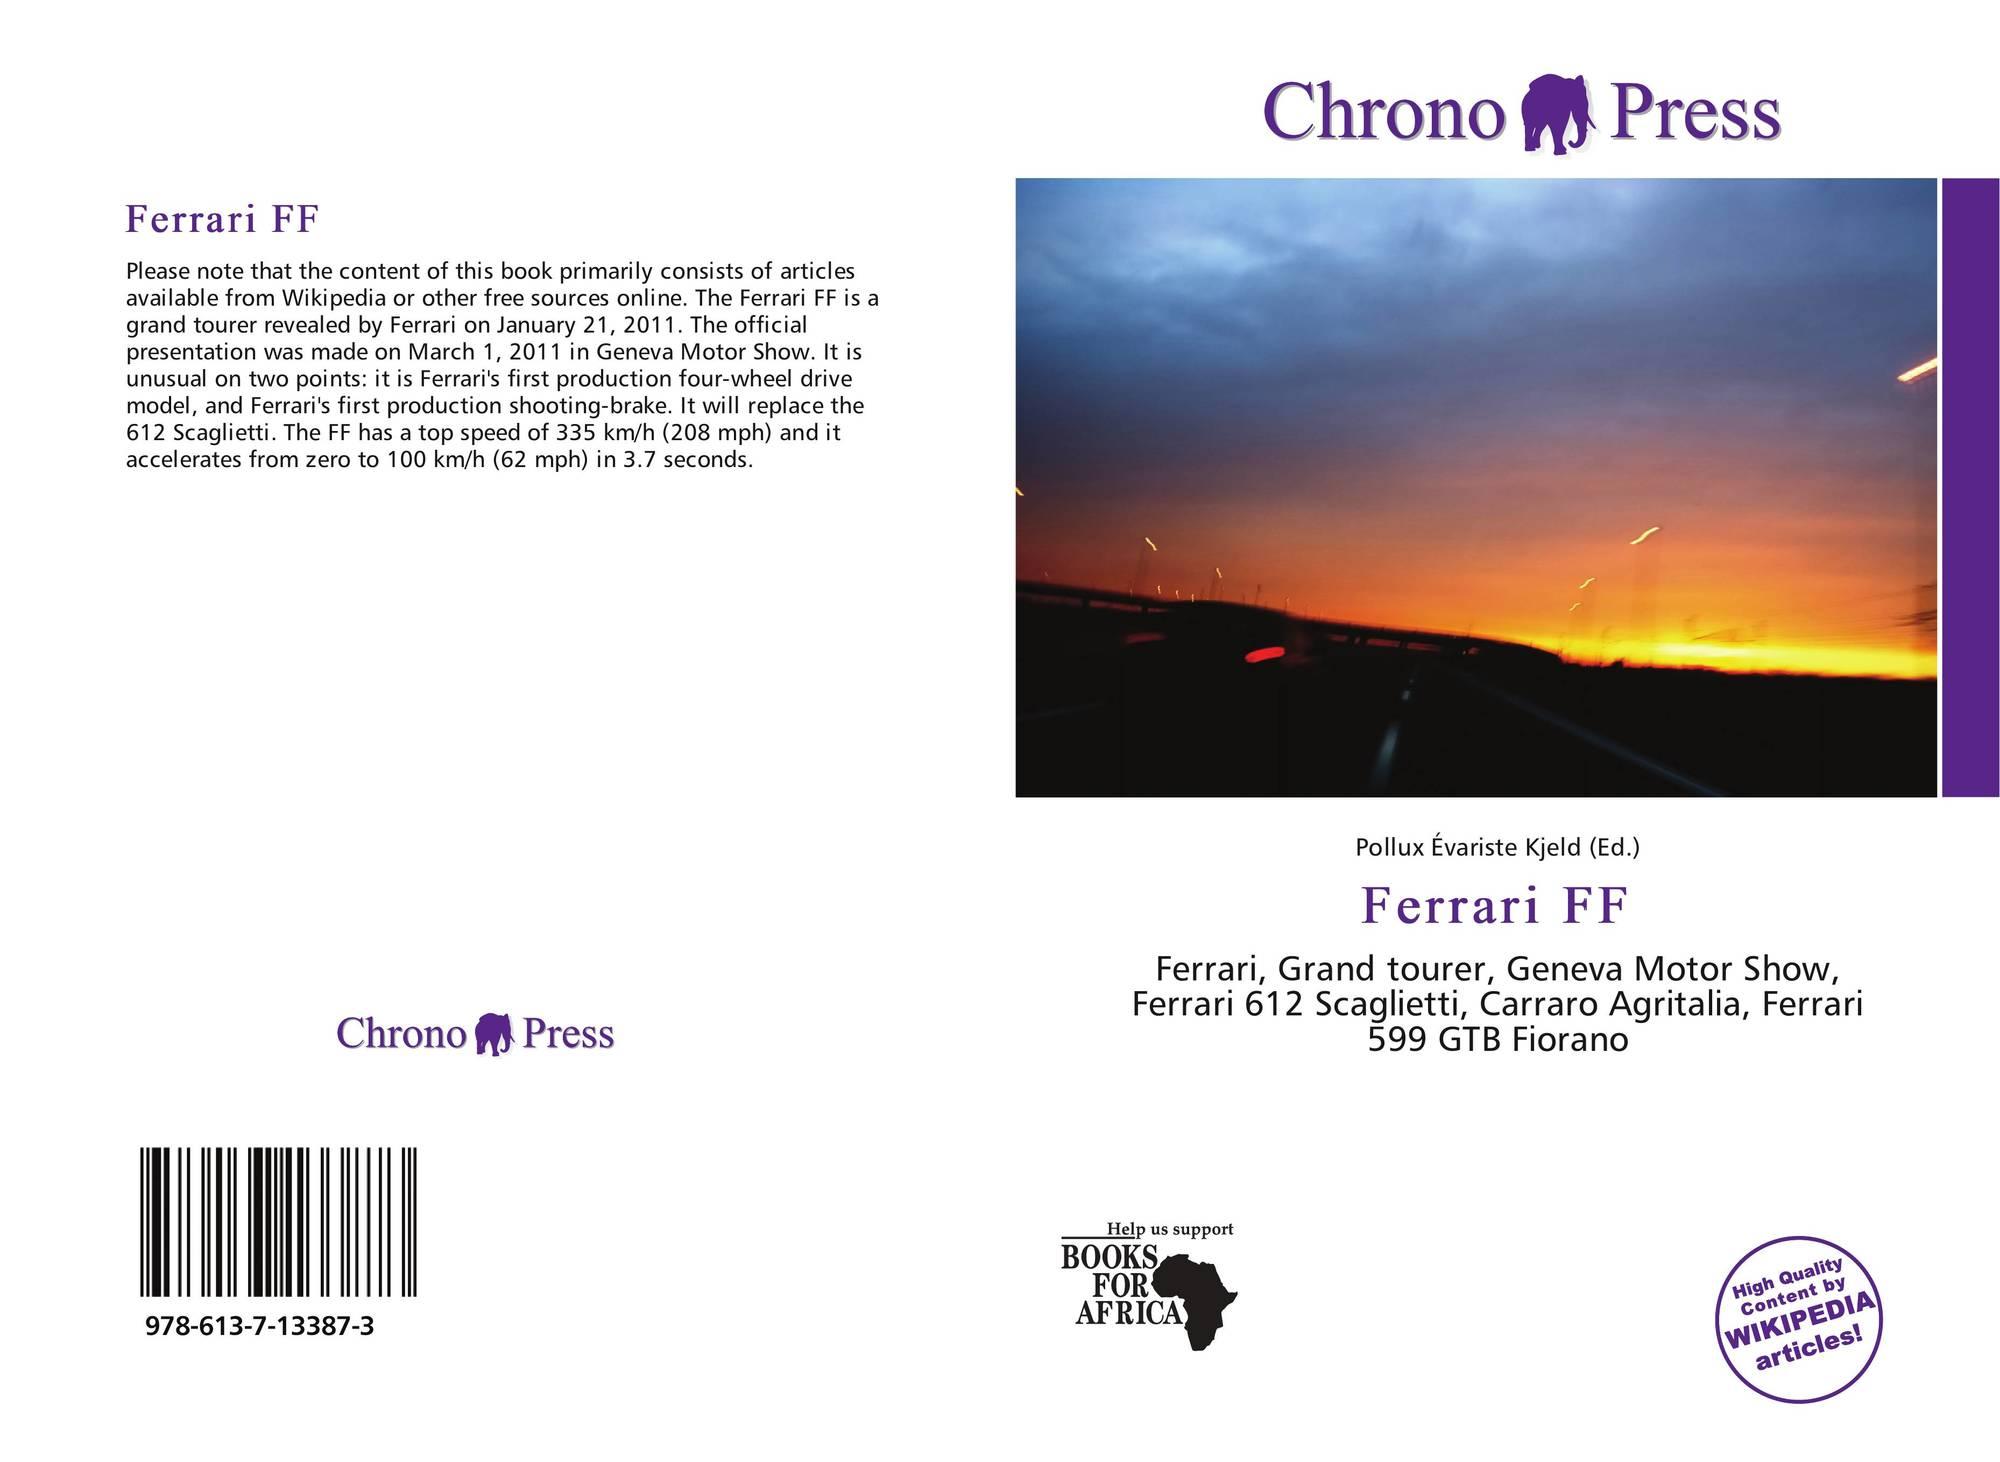 Ferrari Ff 978 613 7 13387 3 6137133877 9786137133873